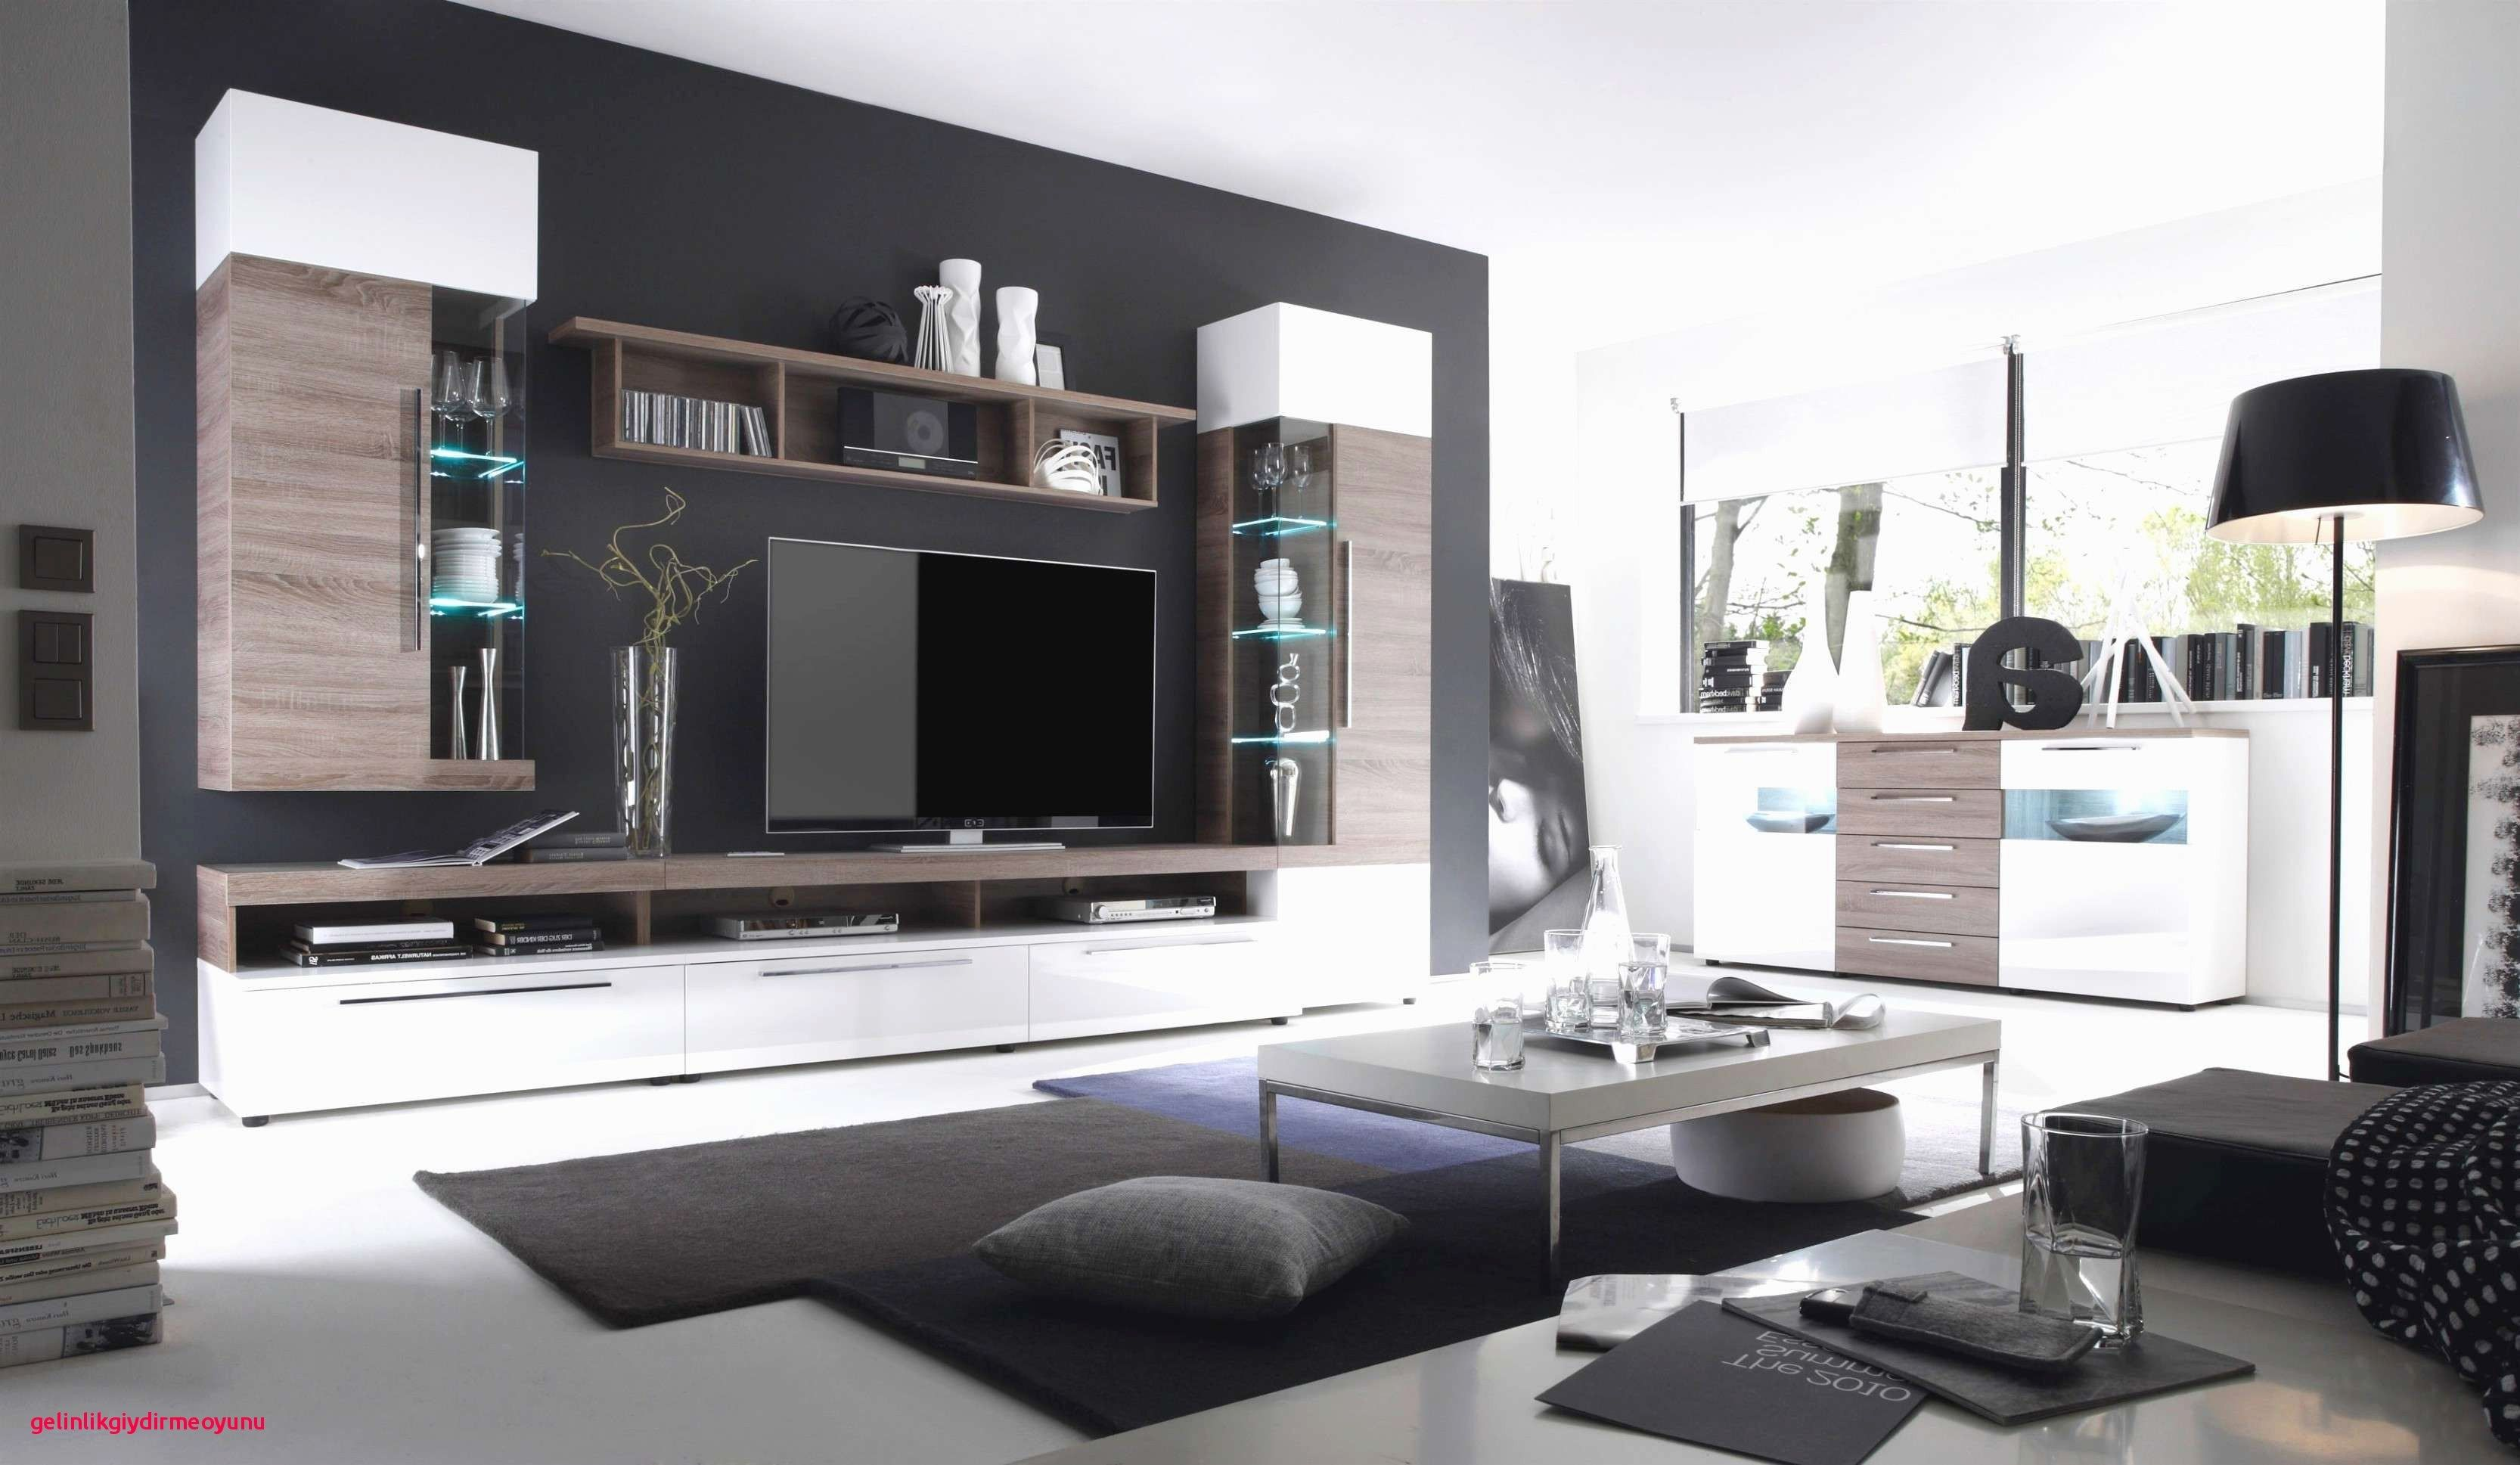 Säule Im Wohnzimmer Gestalten   Wohnzimmer Gestalten Farbe Fotos ...